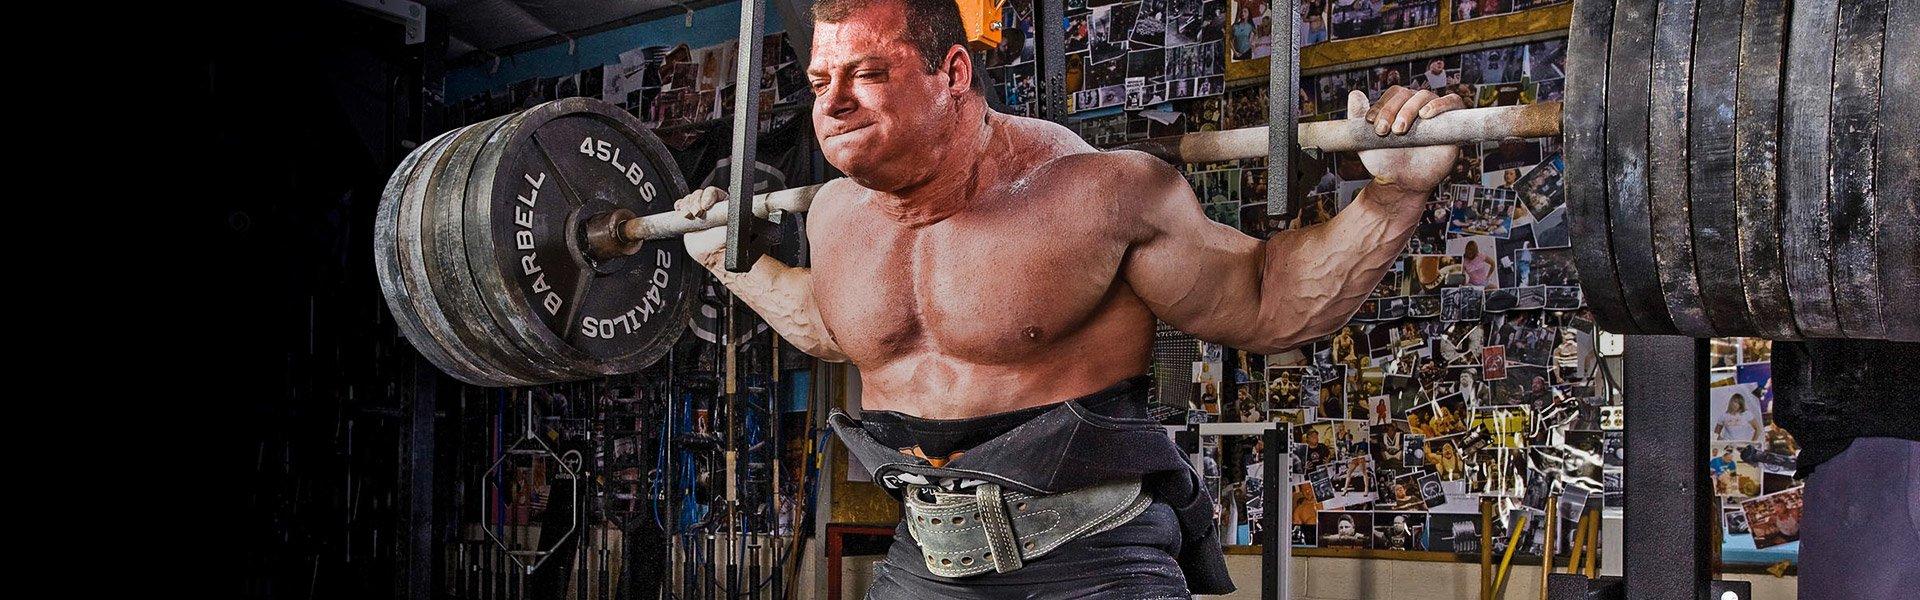 Powerlifter To Bodybuilder That S A Kroc